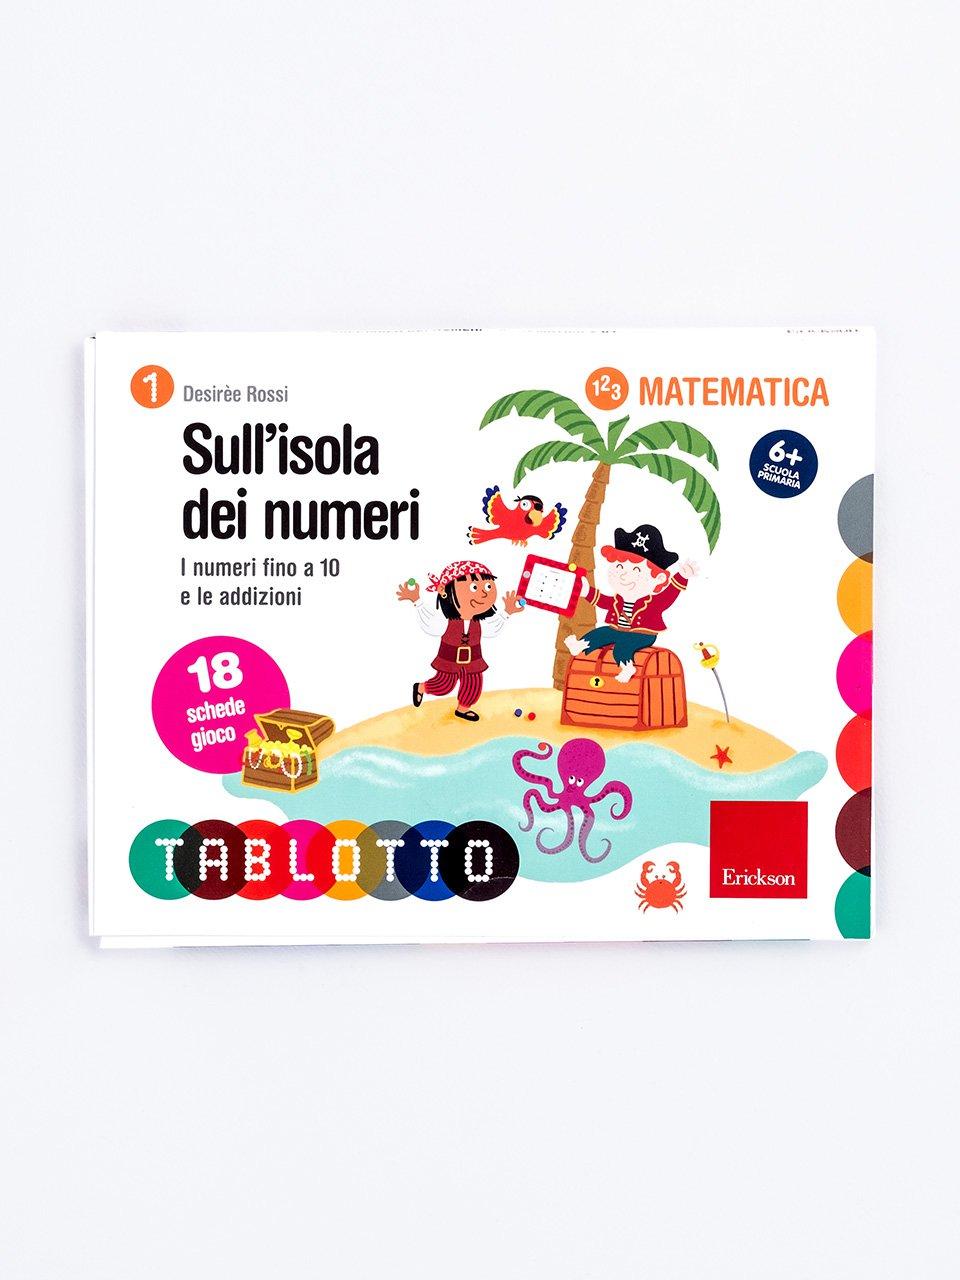 Schede per Tablotto (6-8 anni) - Sull'isola dei numeri - Tablotto (6-8 anni) - Giochi - Erickson